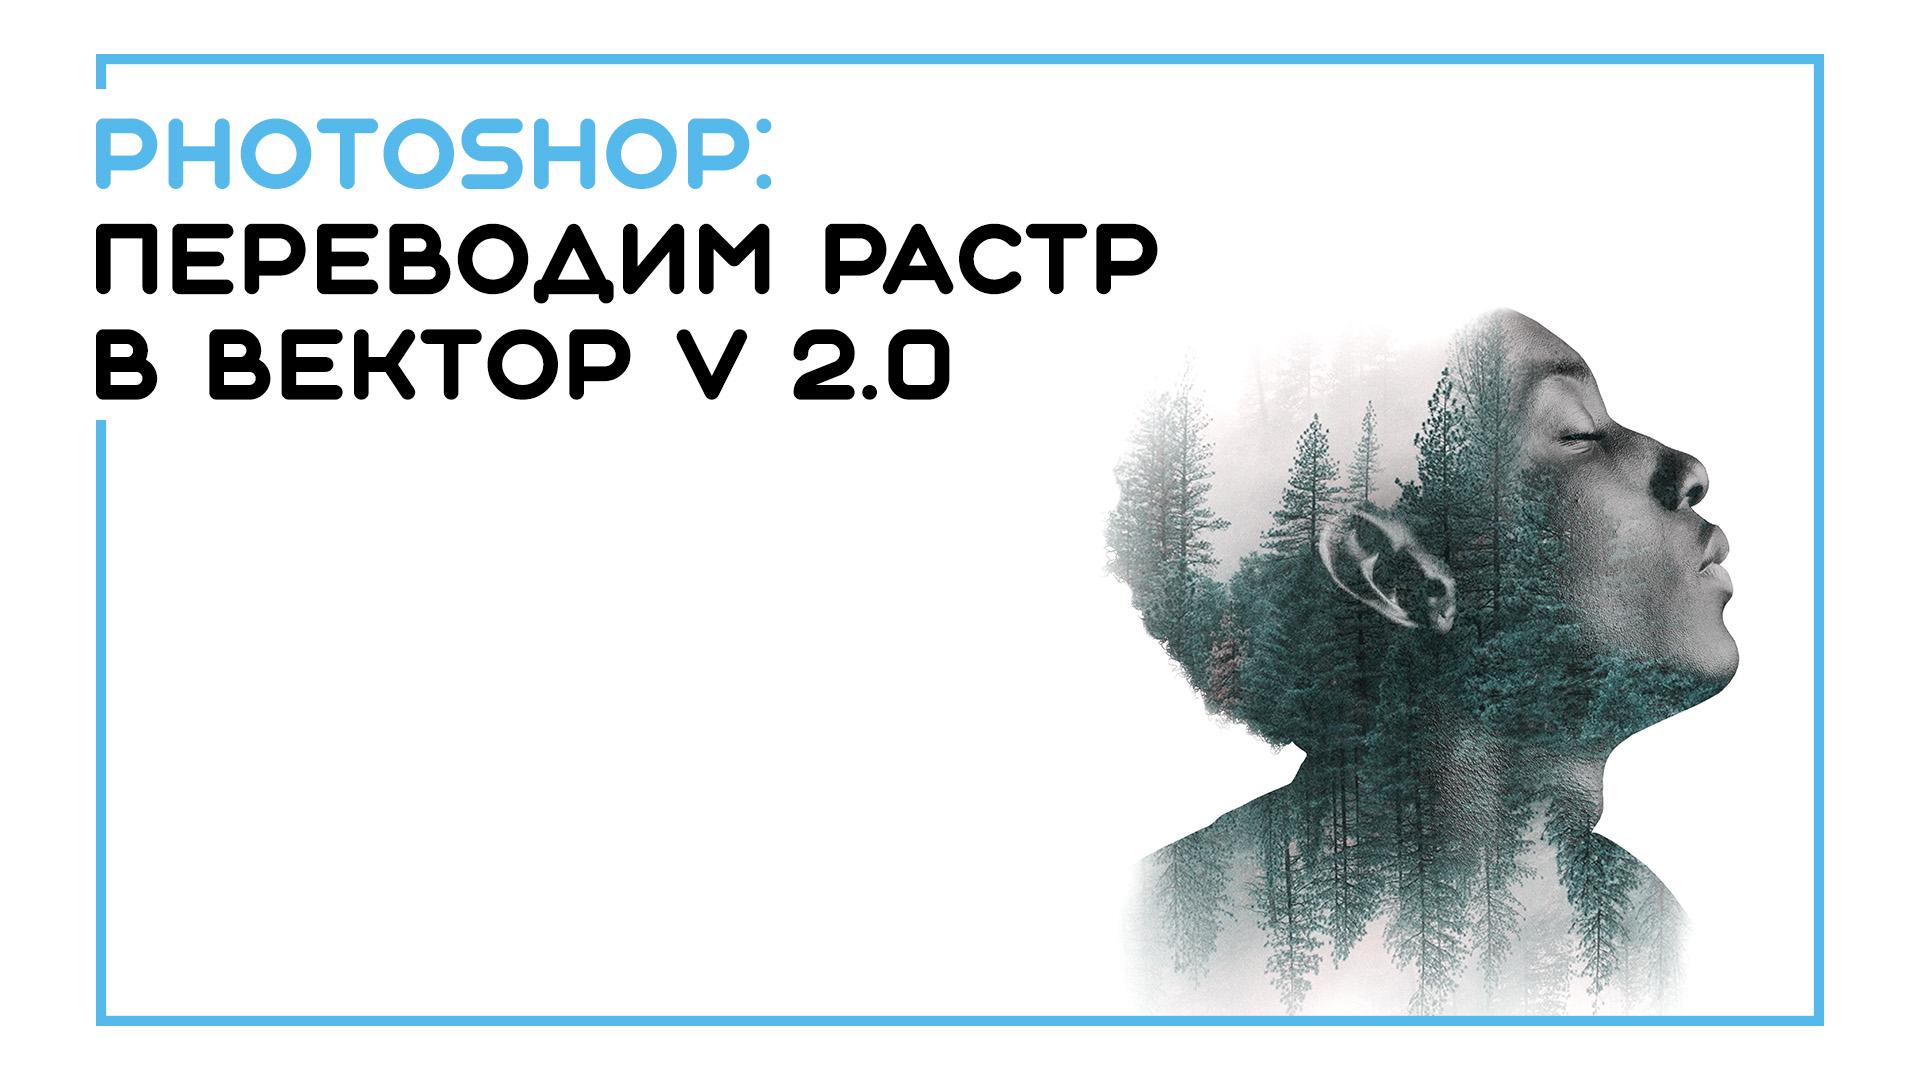 video2 - Как перевести растр в вектор?